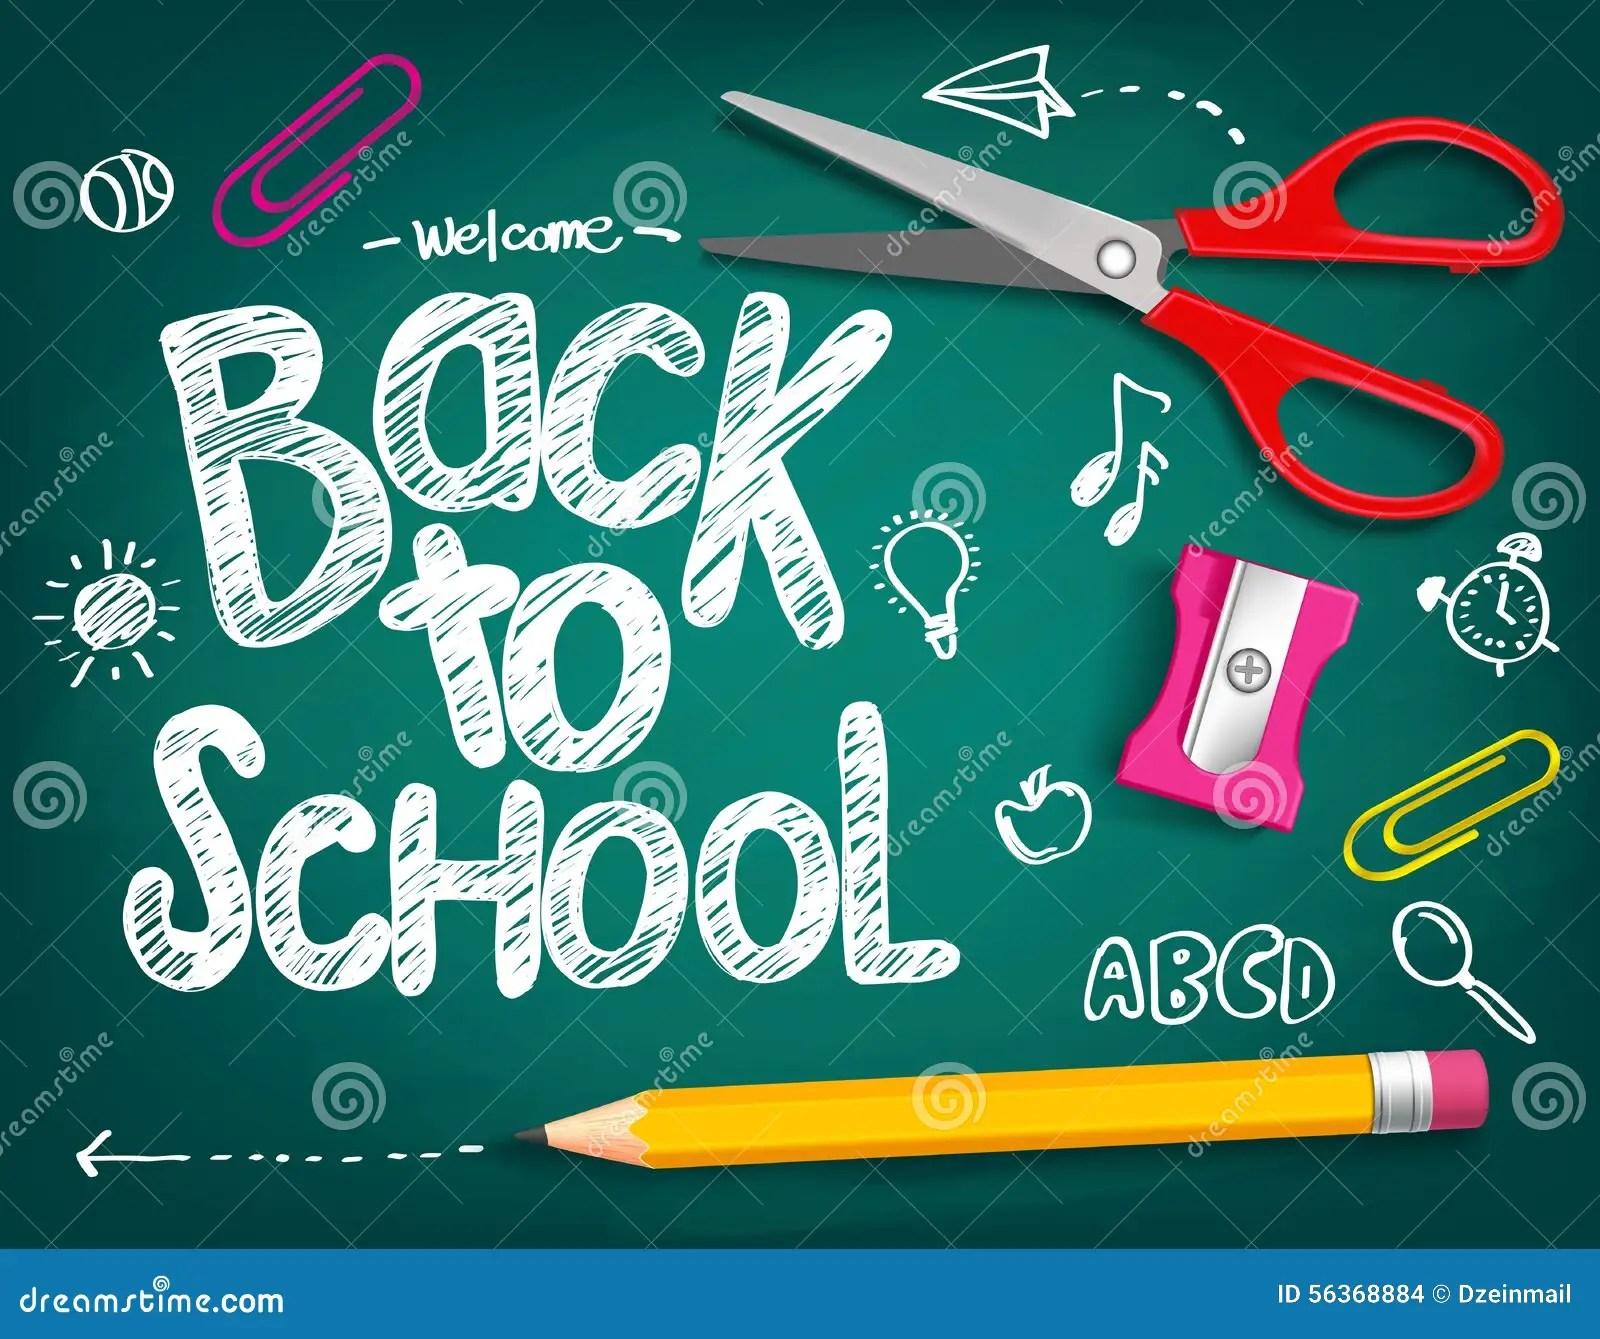 Welcome Back To School Title Written In A Chalk Board